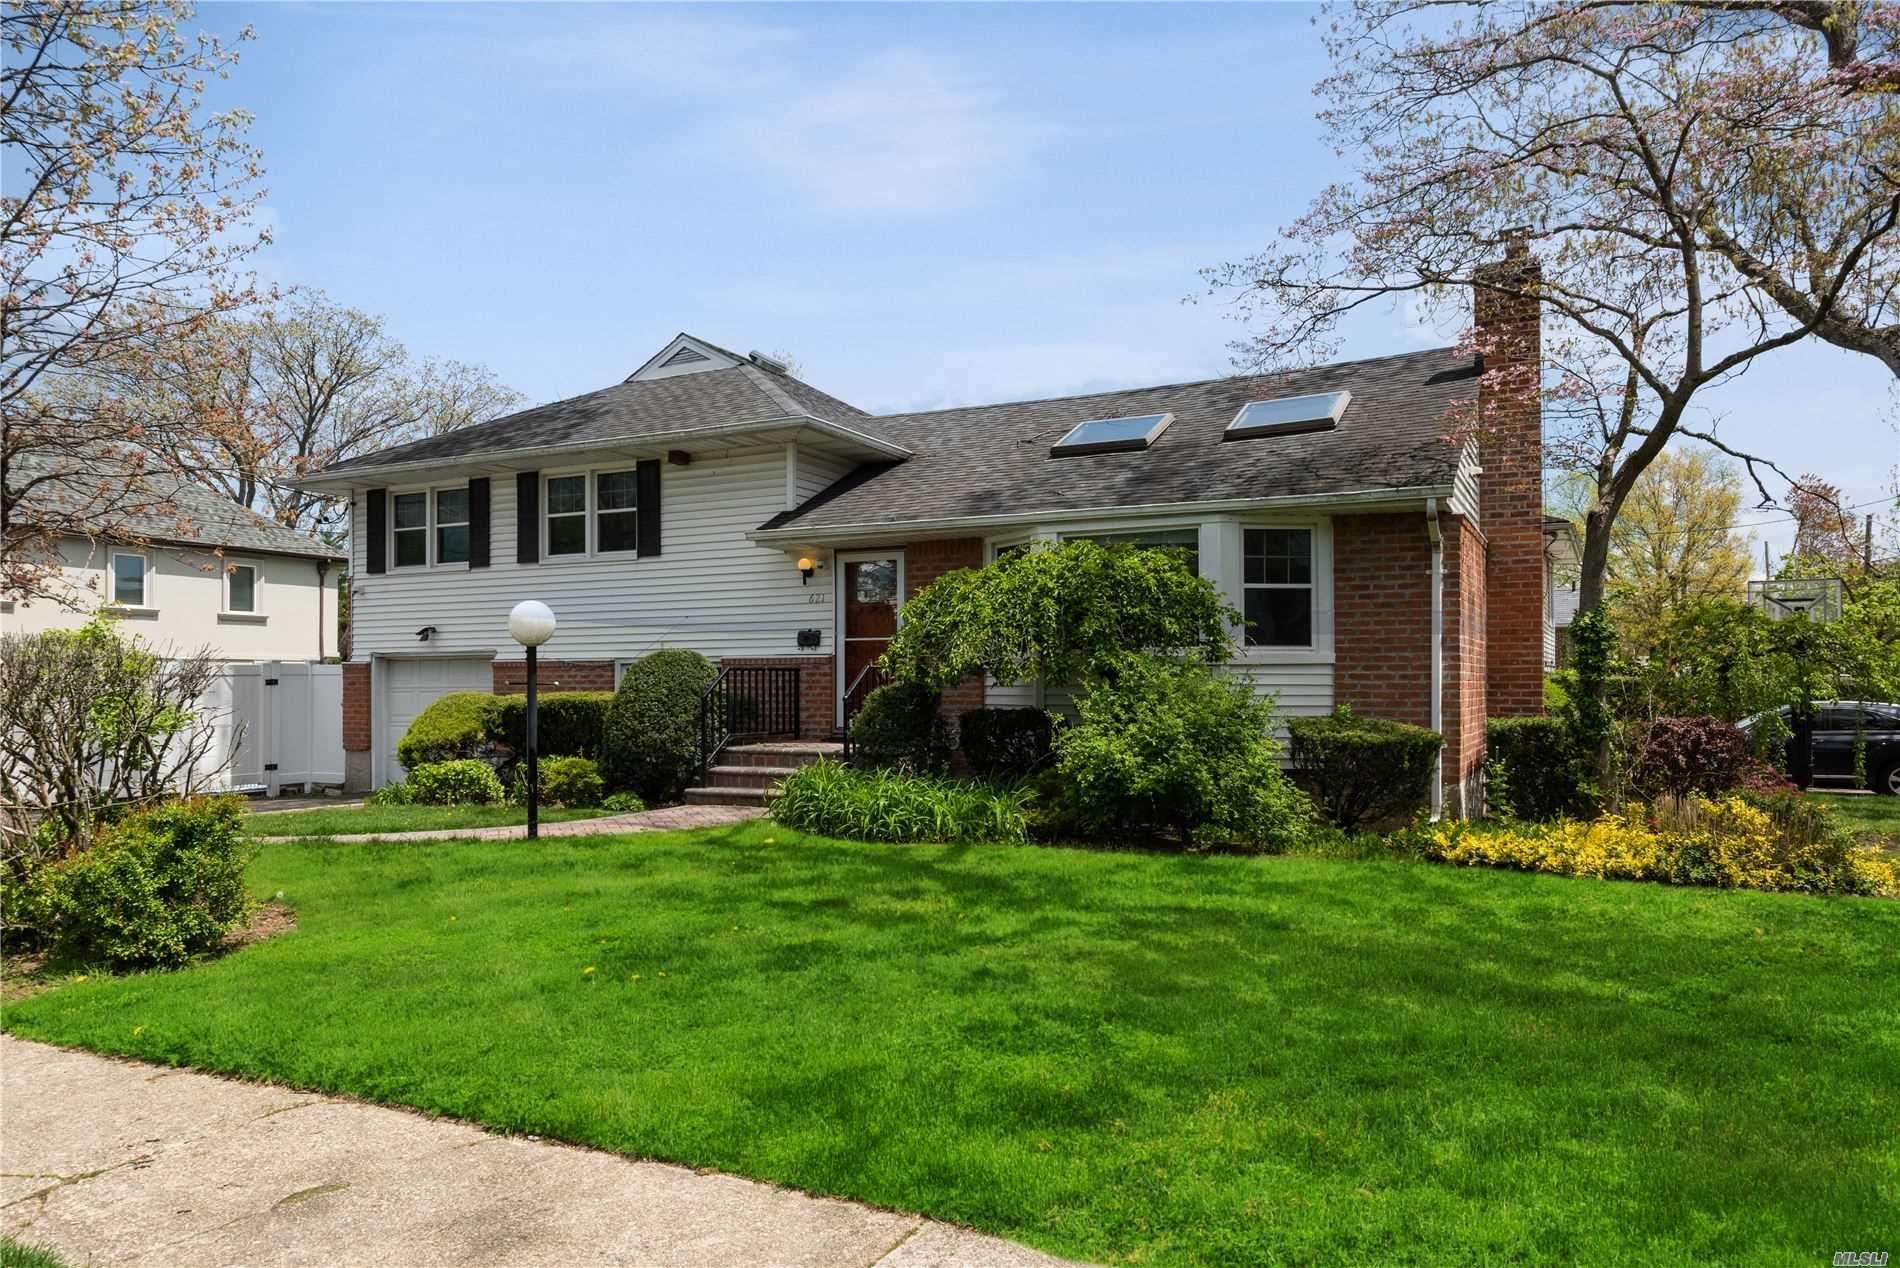 621 Howard Ave, West Hempstead, NY 11552 - MLS#: 3212764